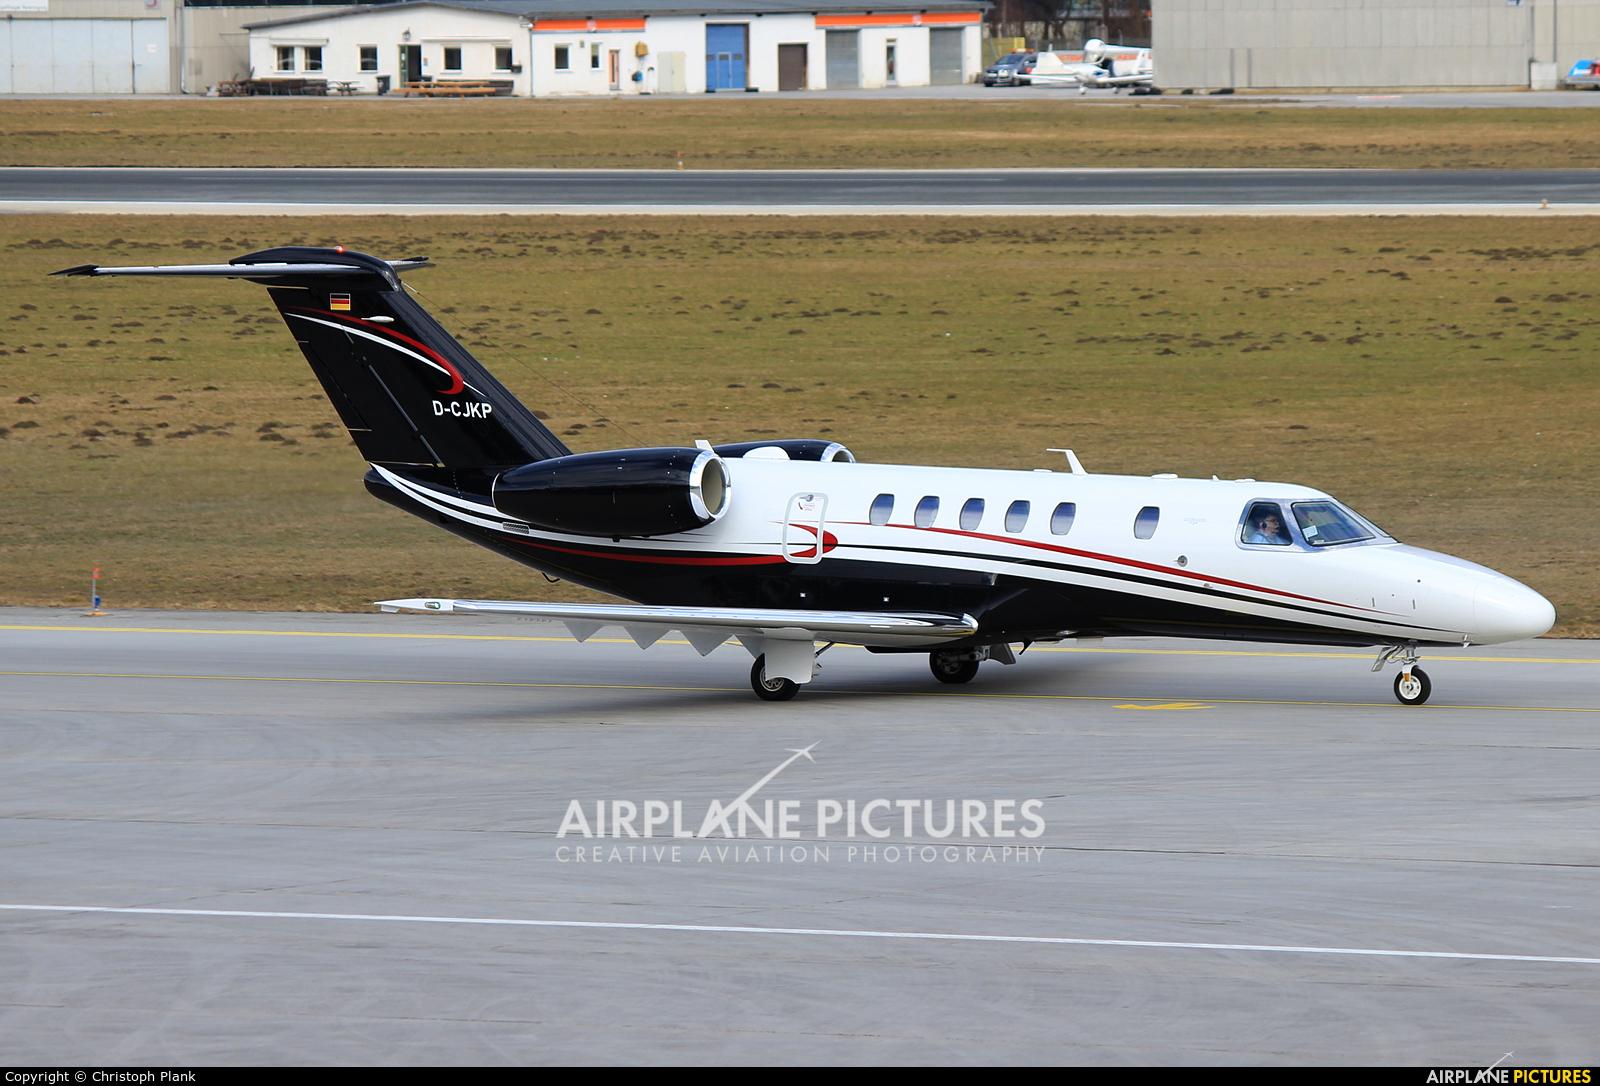 D Cjkp Jet Service Cessna 525c Citation Cj4 At Innsbruck